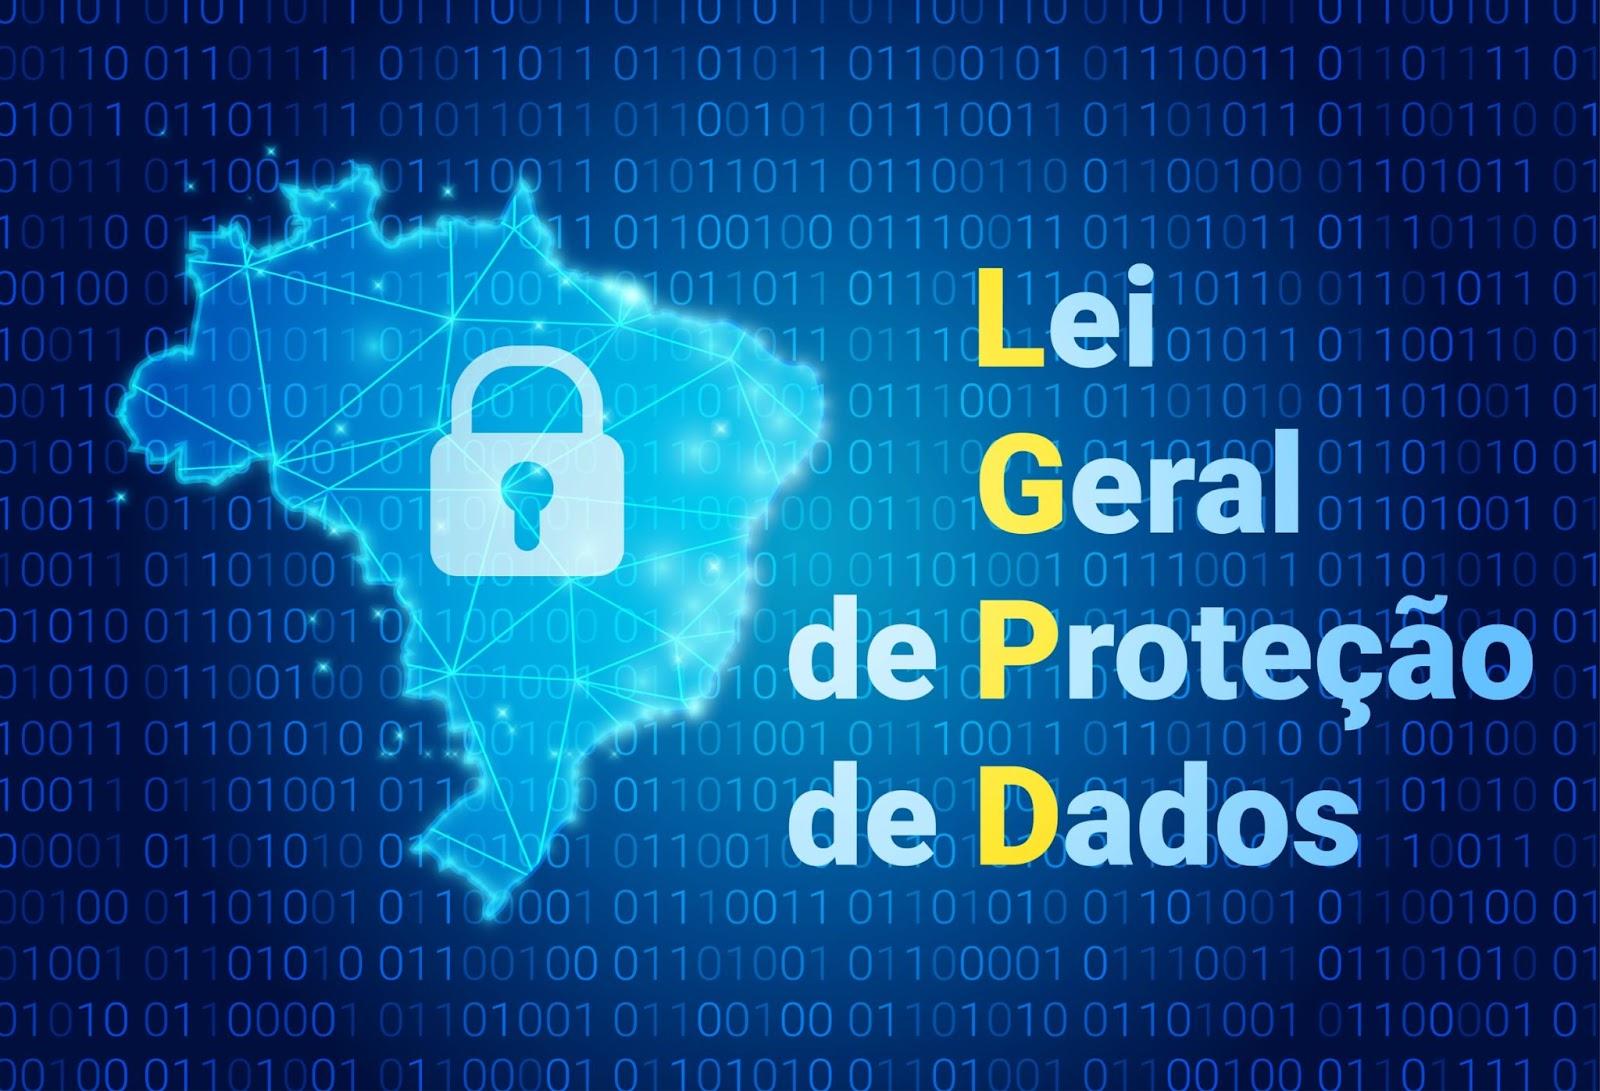 É direito do titular dos dados ser informado caso ocorra o compartilhamento de suas informações, de acordo com a LGPD. (Fonte: Shutterstock)